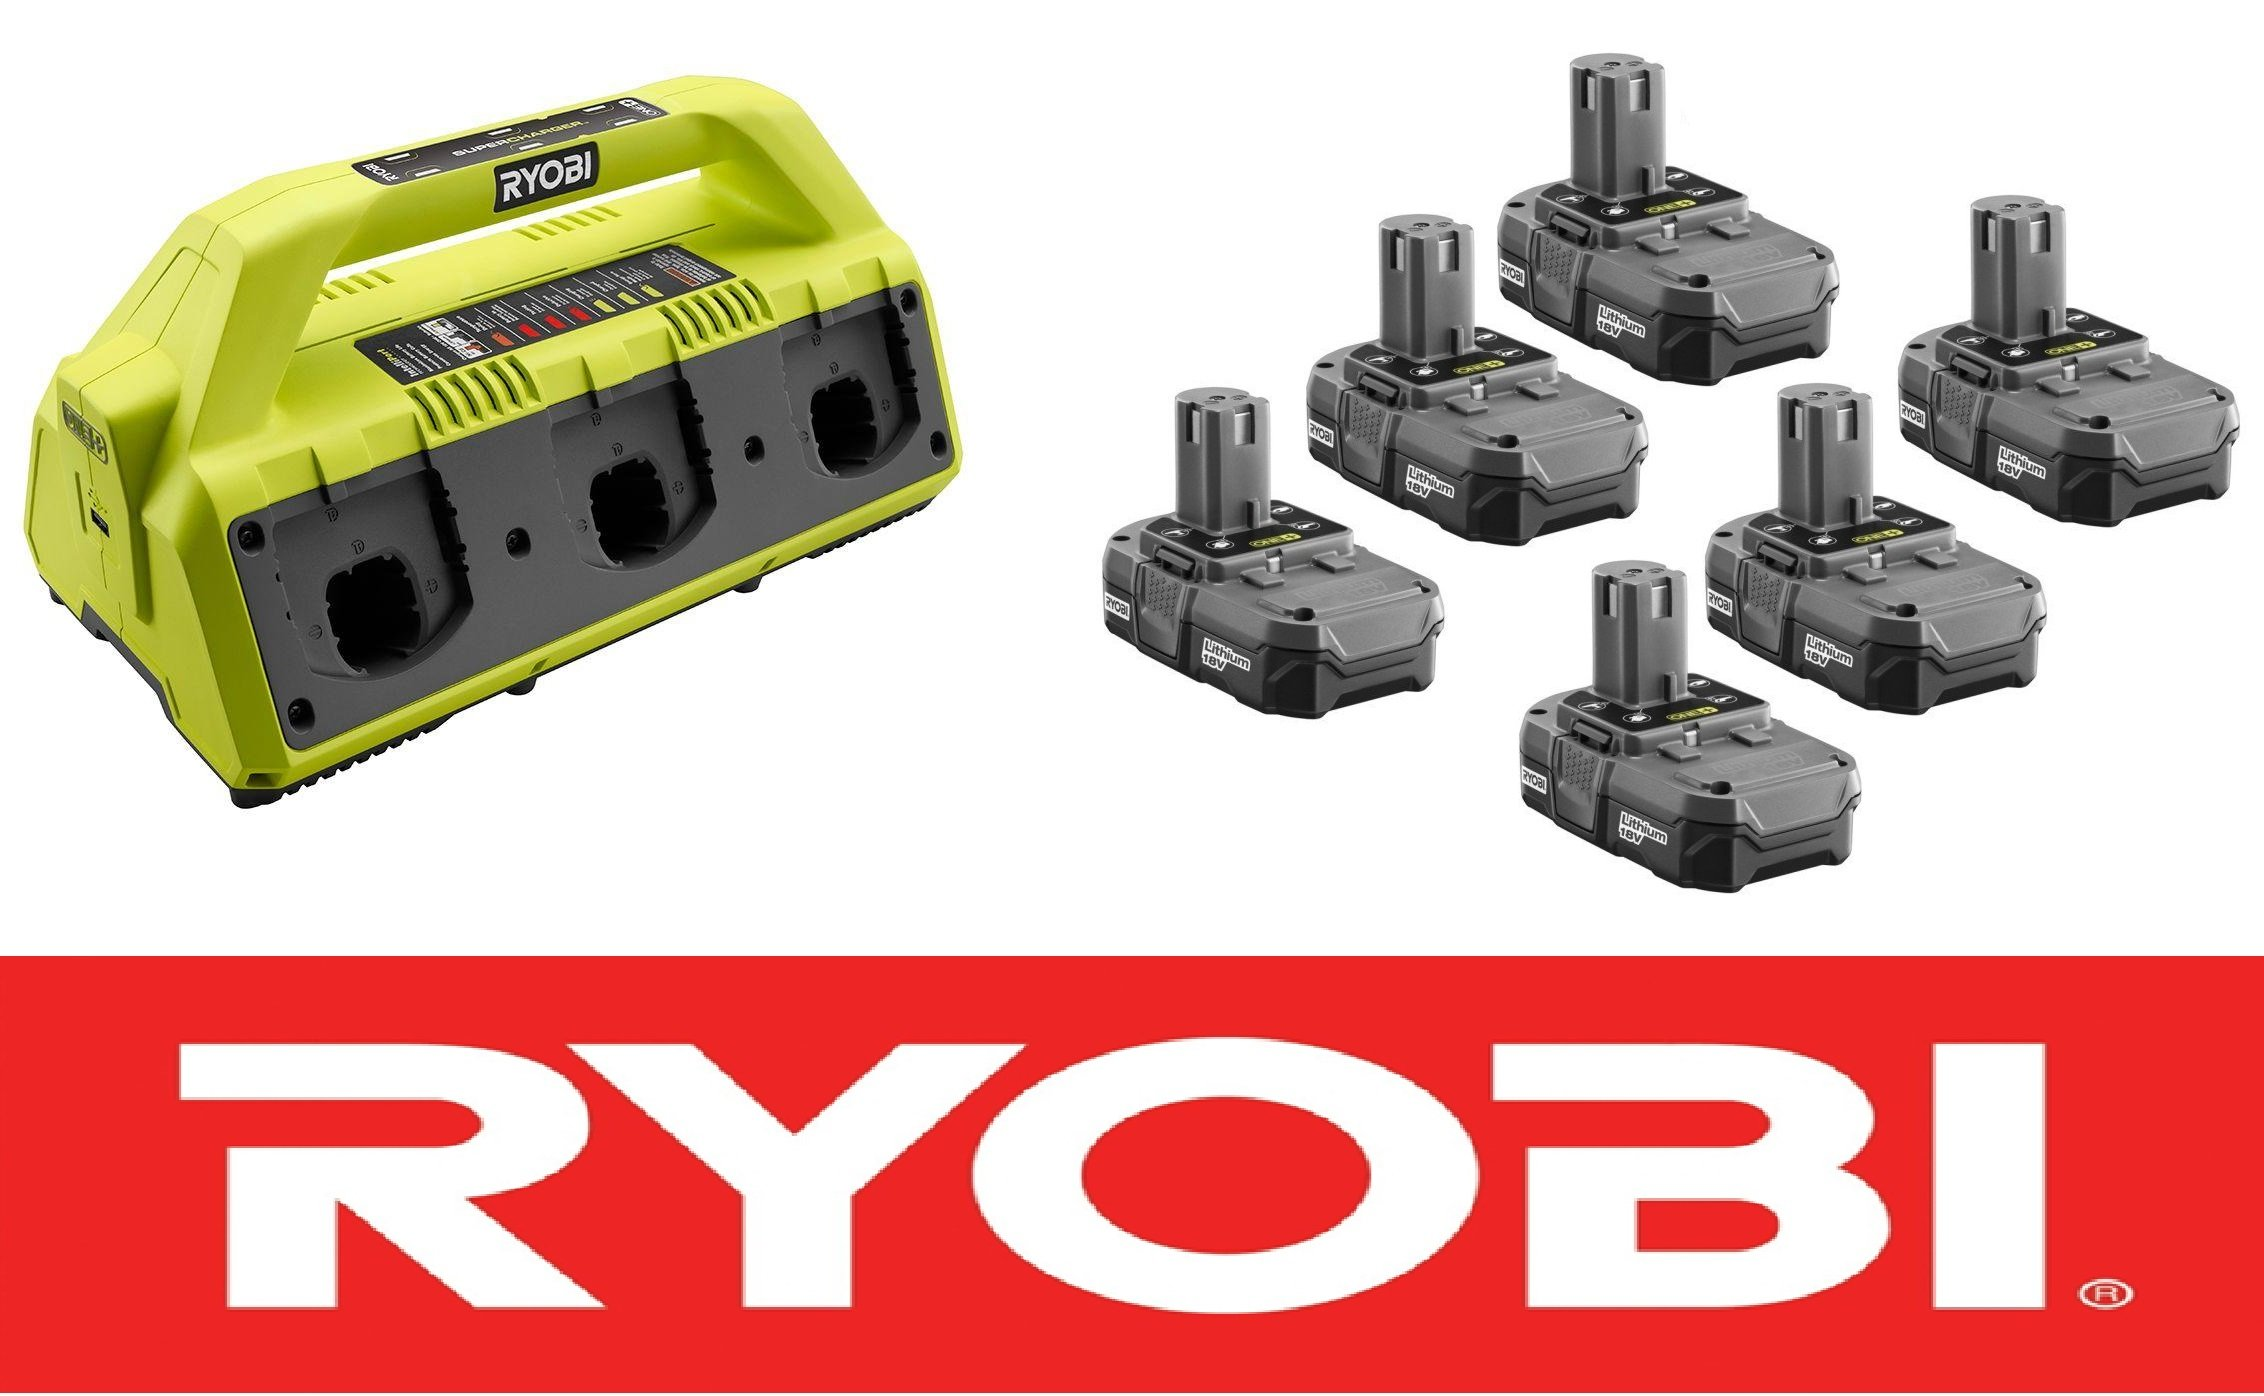 Ryobi One Plus 18-Volt 6-Port Super Charger P135 + (6) Batteries P102